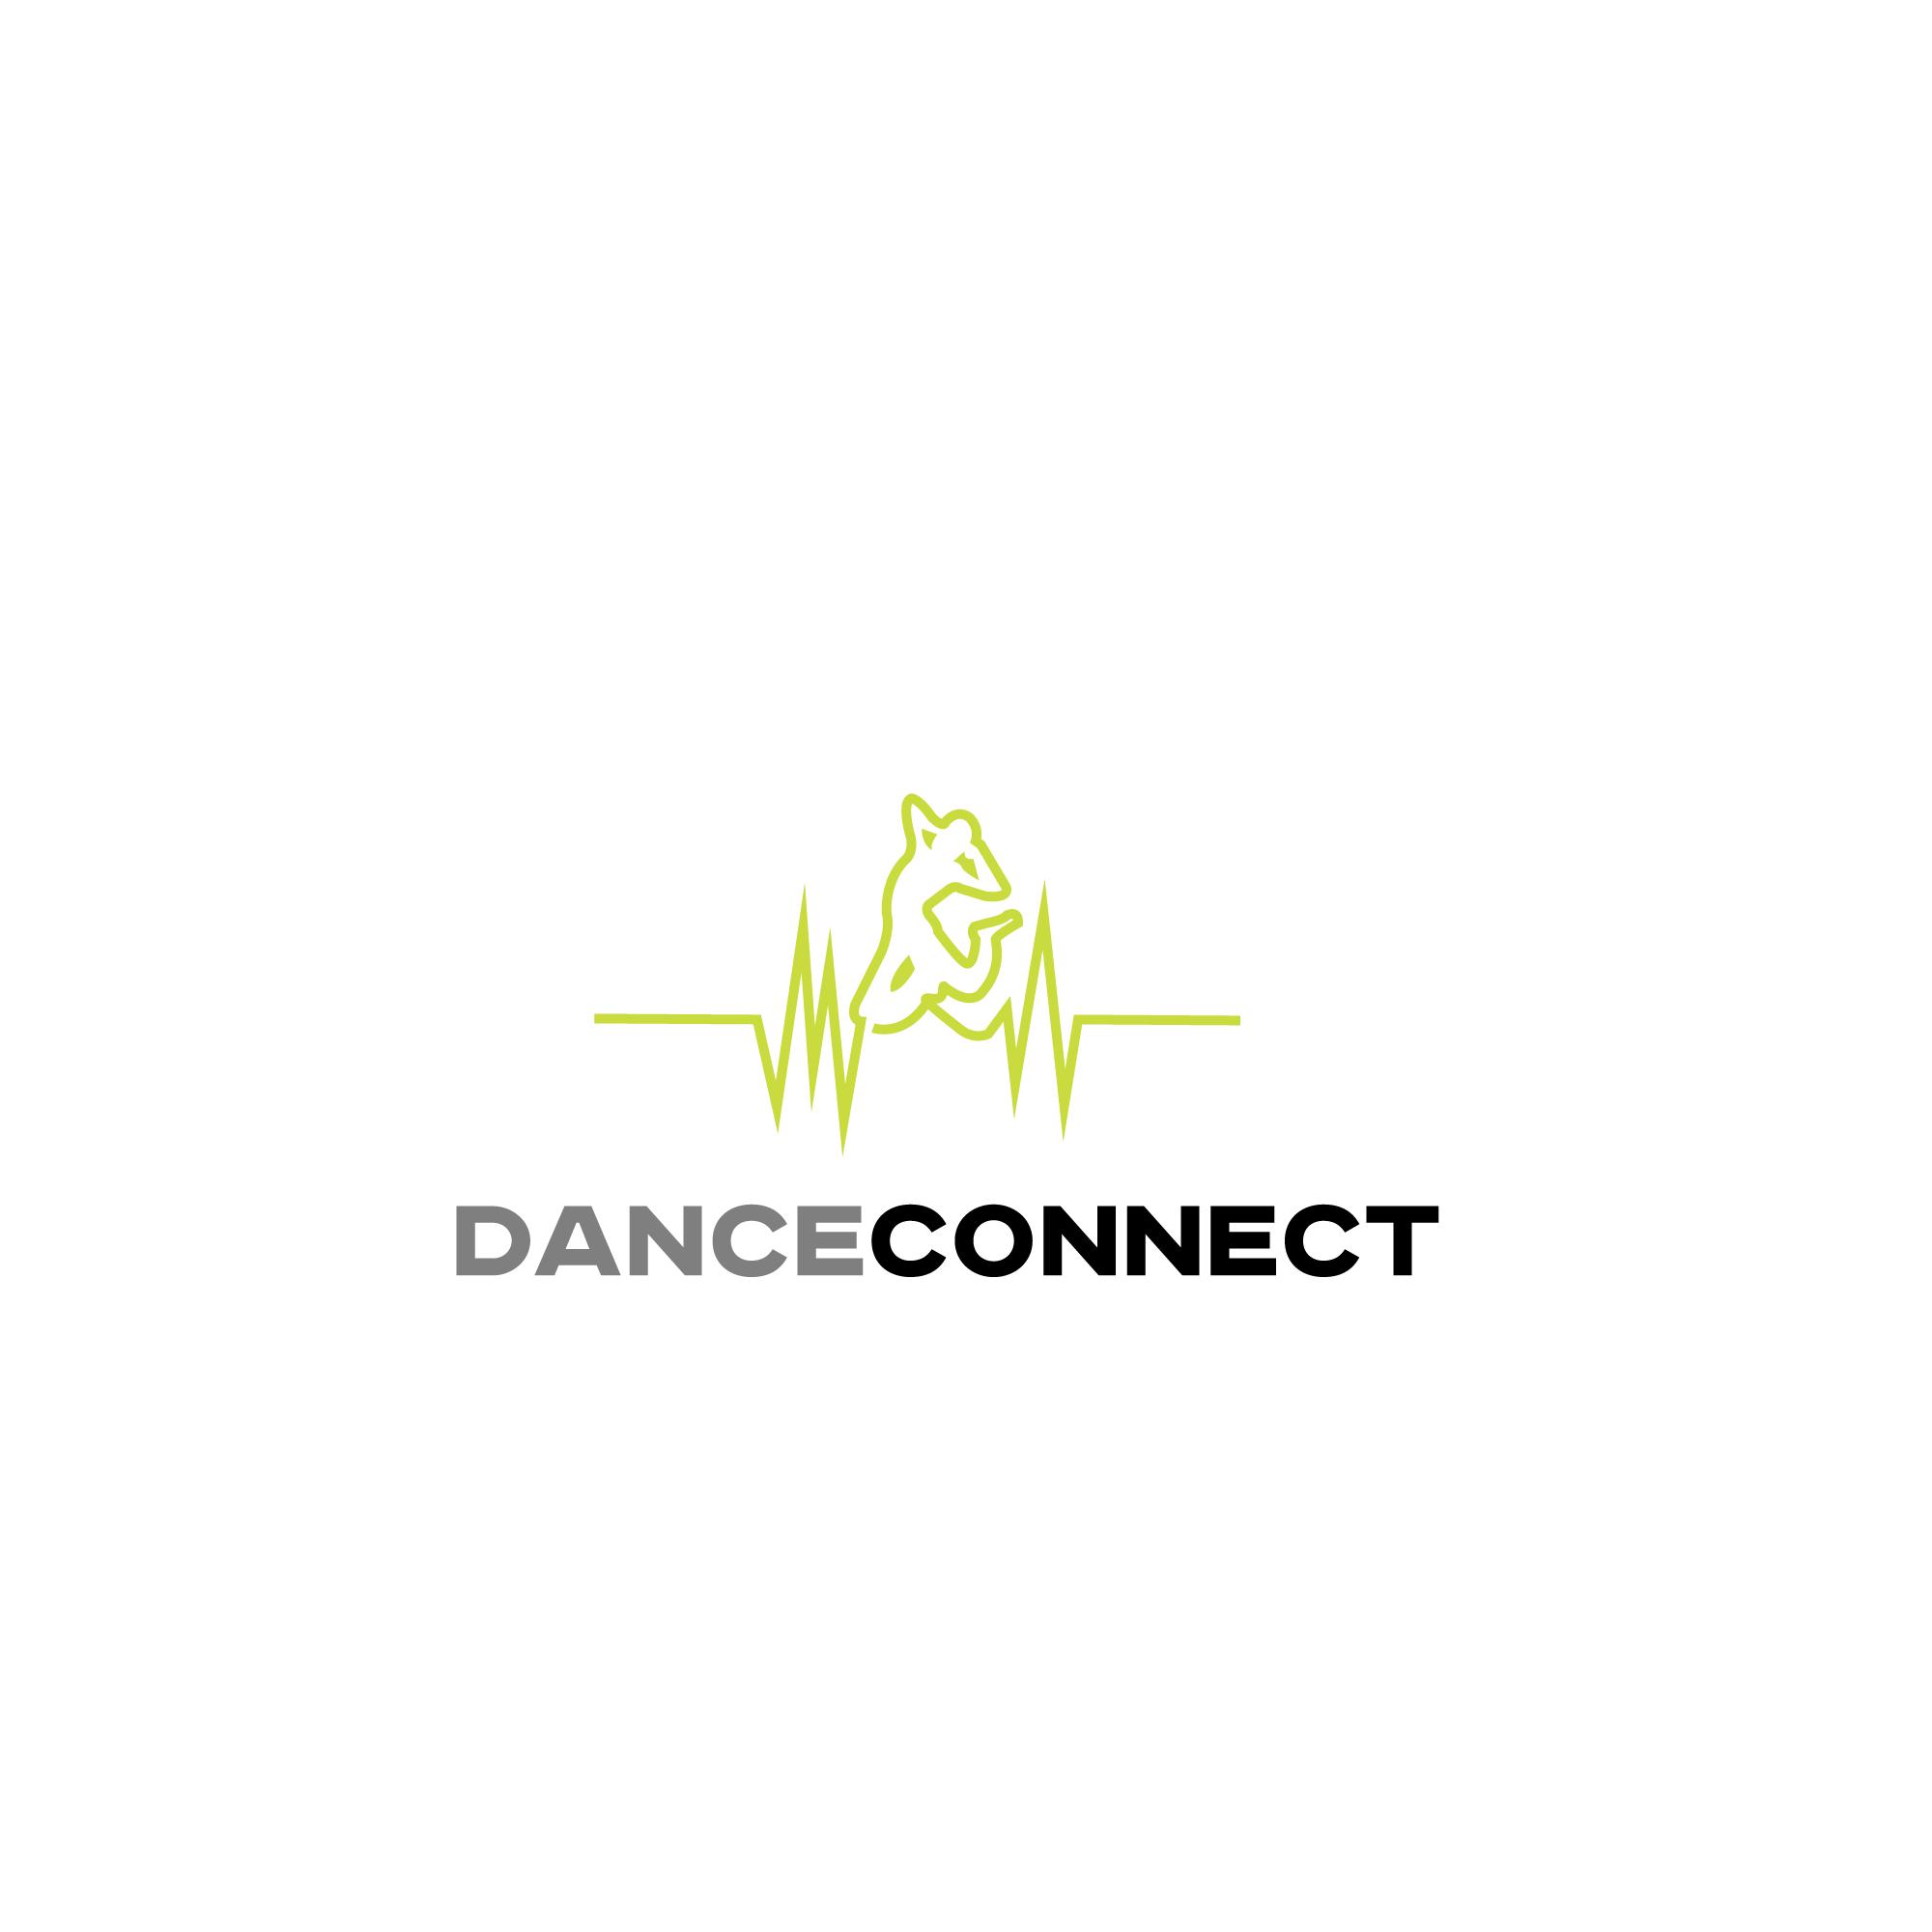 Разработка лого для спортивного портала www.danceconnect.ru фото f_7735b43780b20c35.jpg